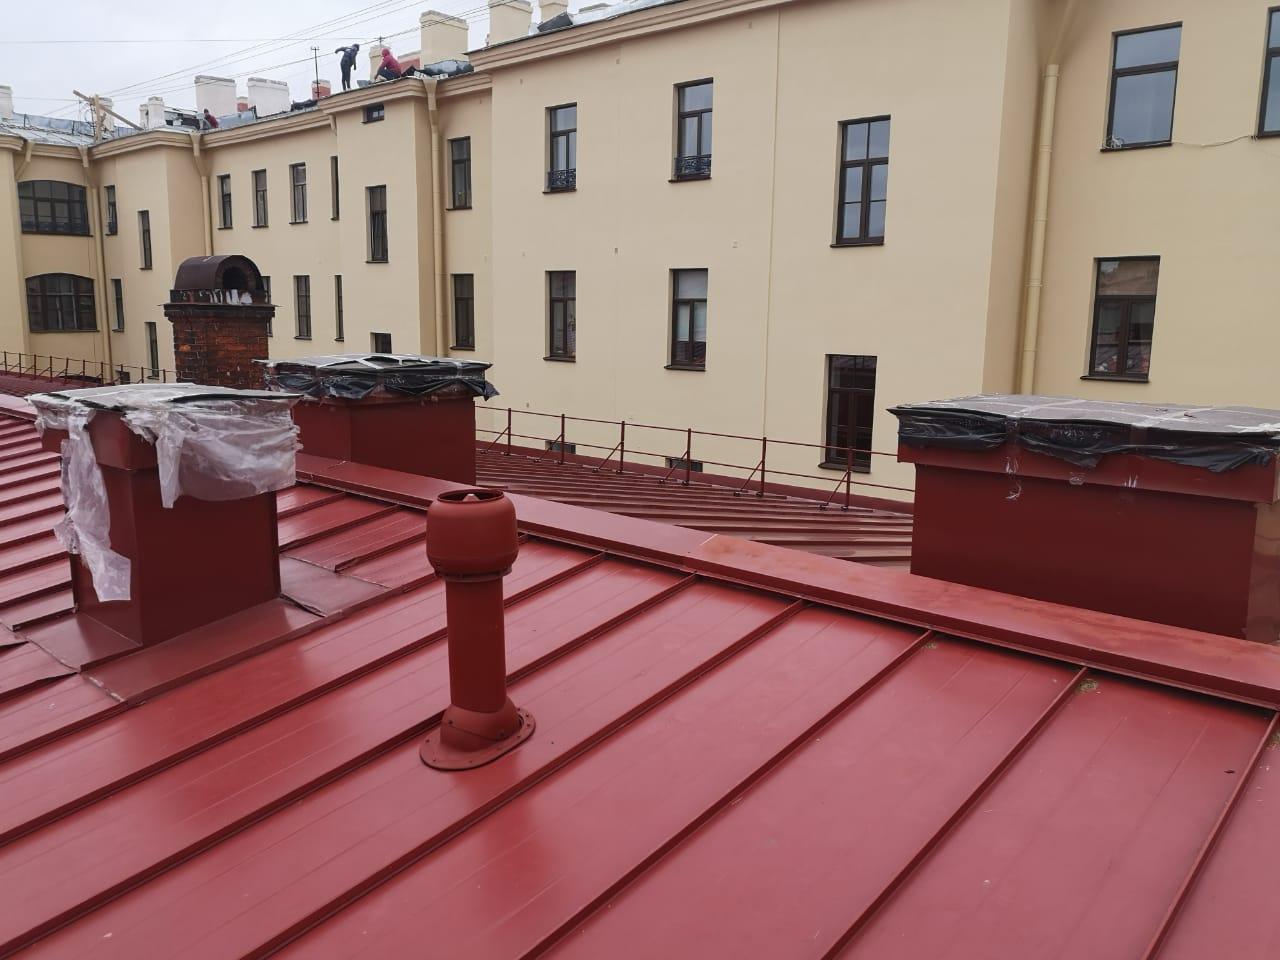 Работы по монтажу вентиляционных каналов кровли здания с частичной заменой пирога кровли в СПб